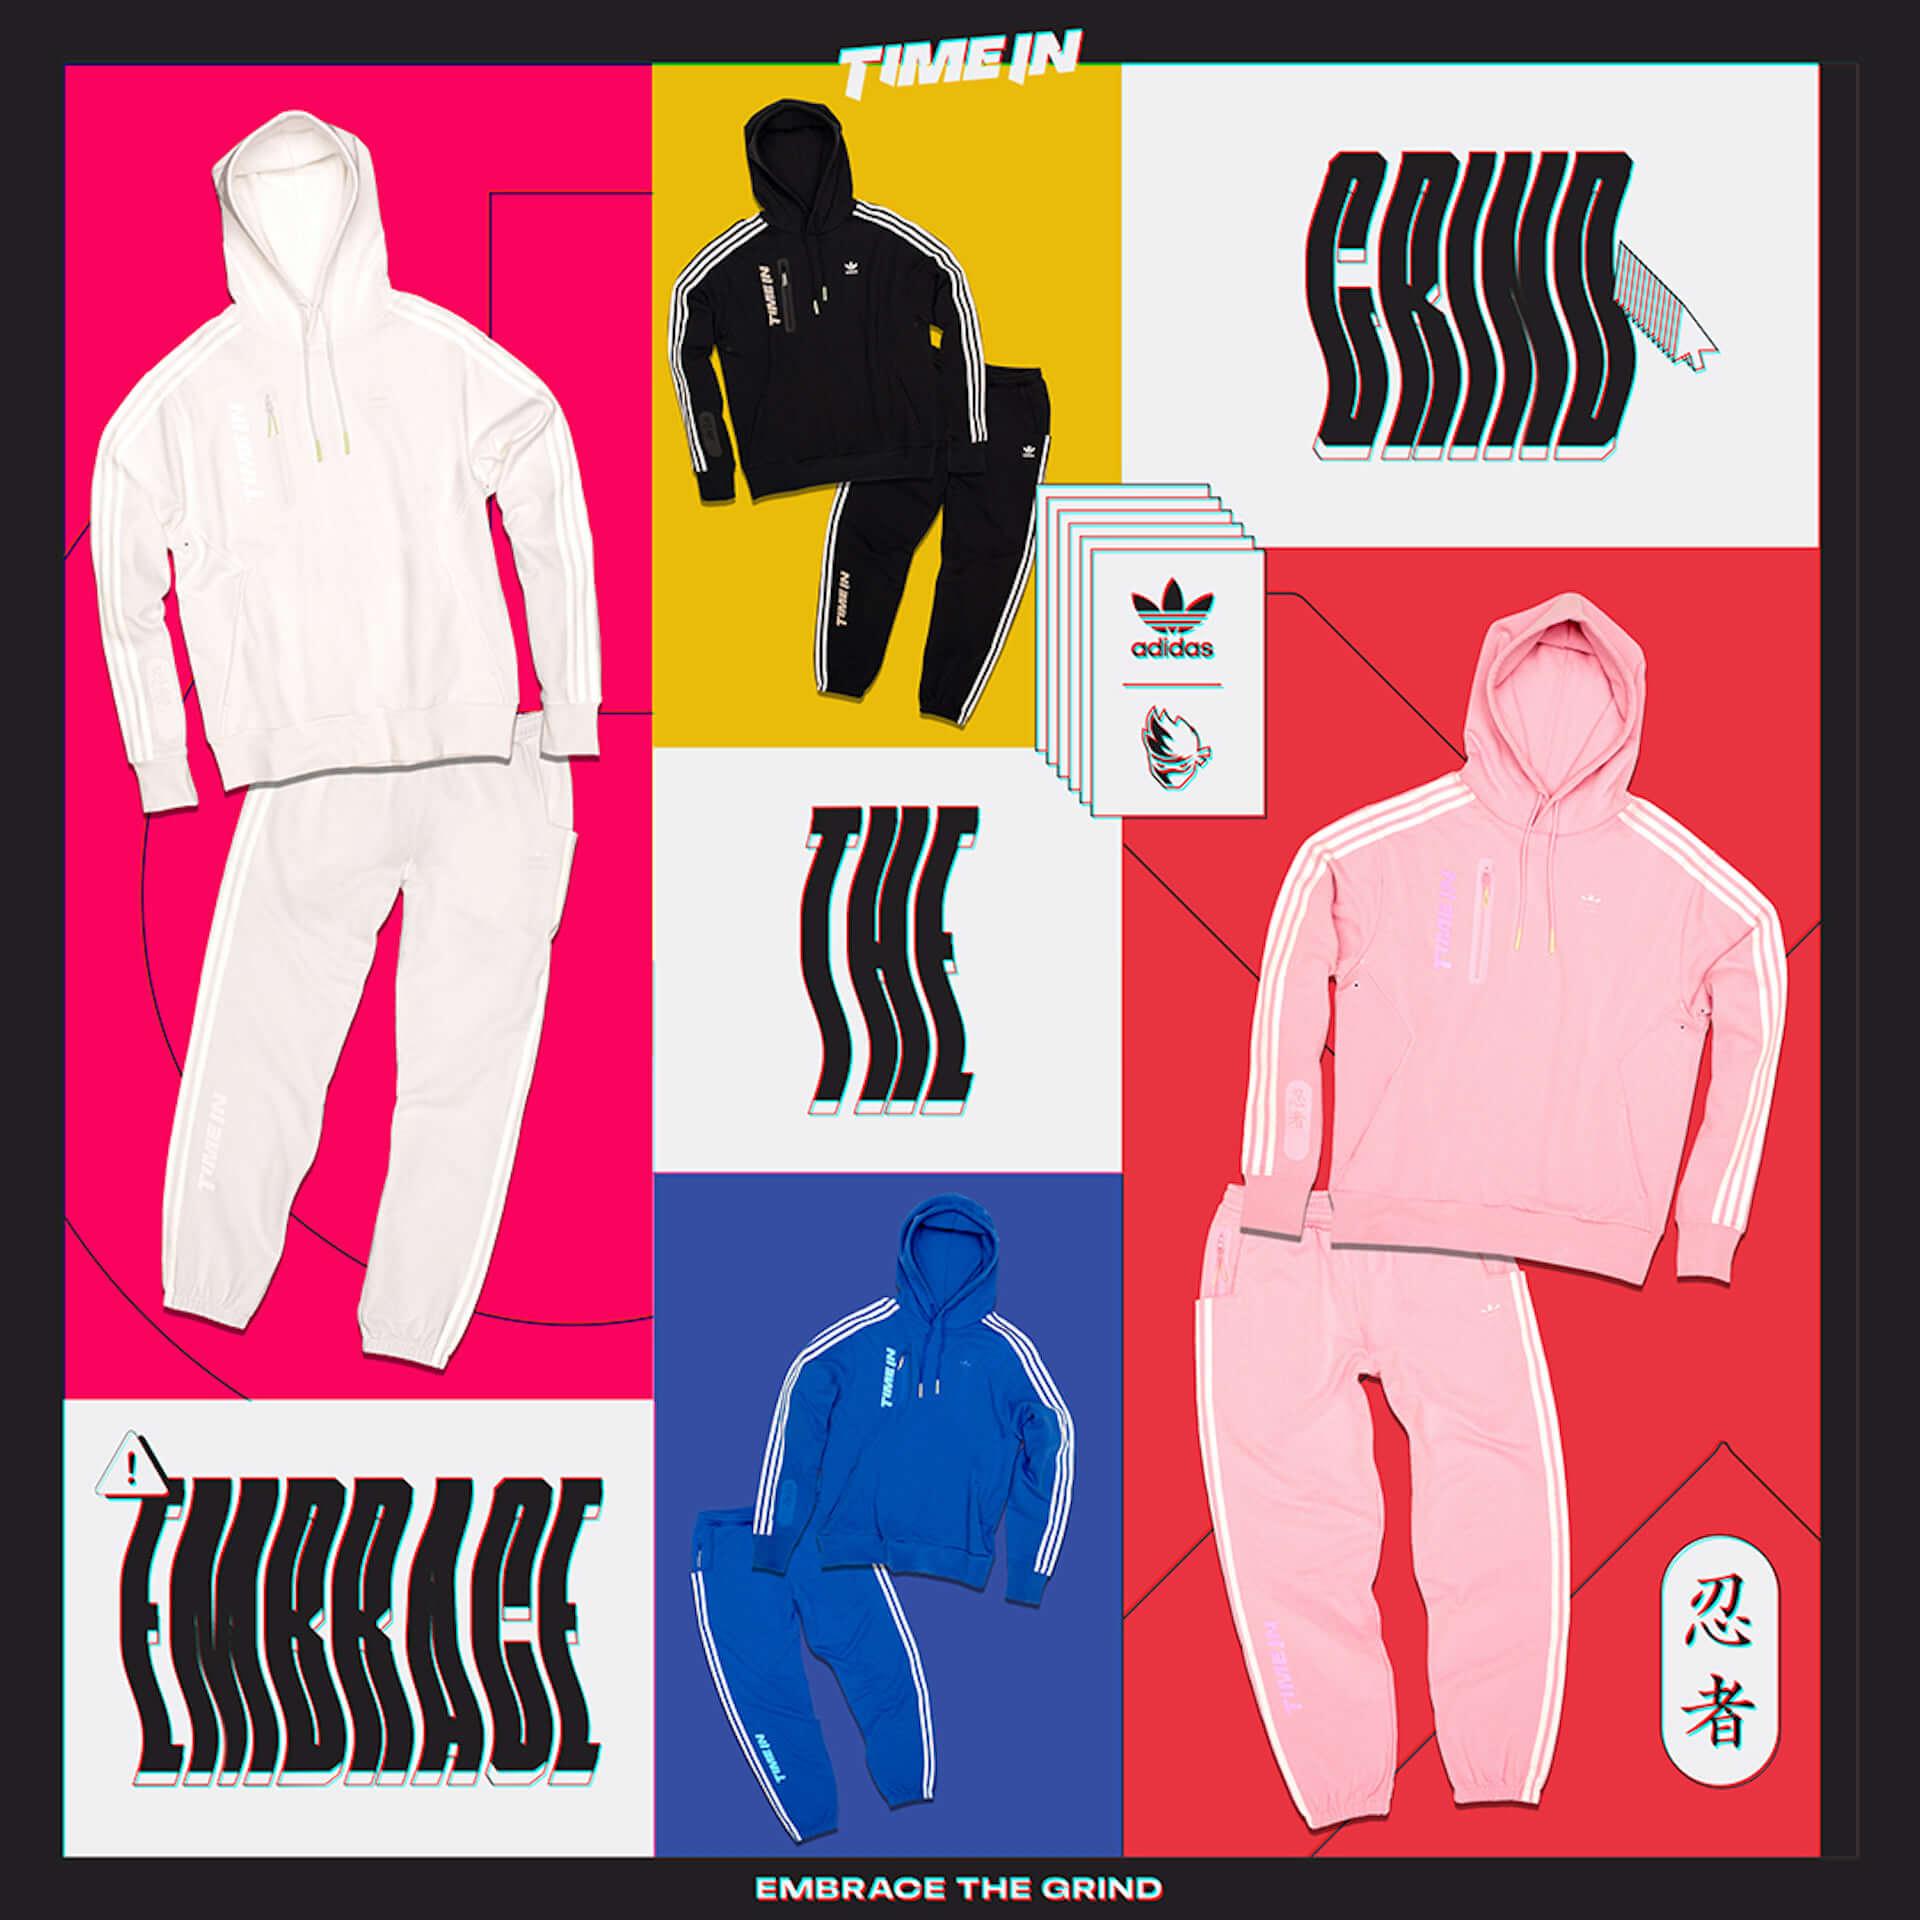 adidas Originalsと大人気ゲームストリーマー・Ninjaの最新コラボコレクションが登場!特別モデル『NINJA ZX 2K BOOST』やTシャツなど多数展開 lf201203_adidas_1-1920x1920